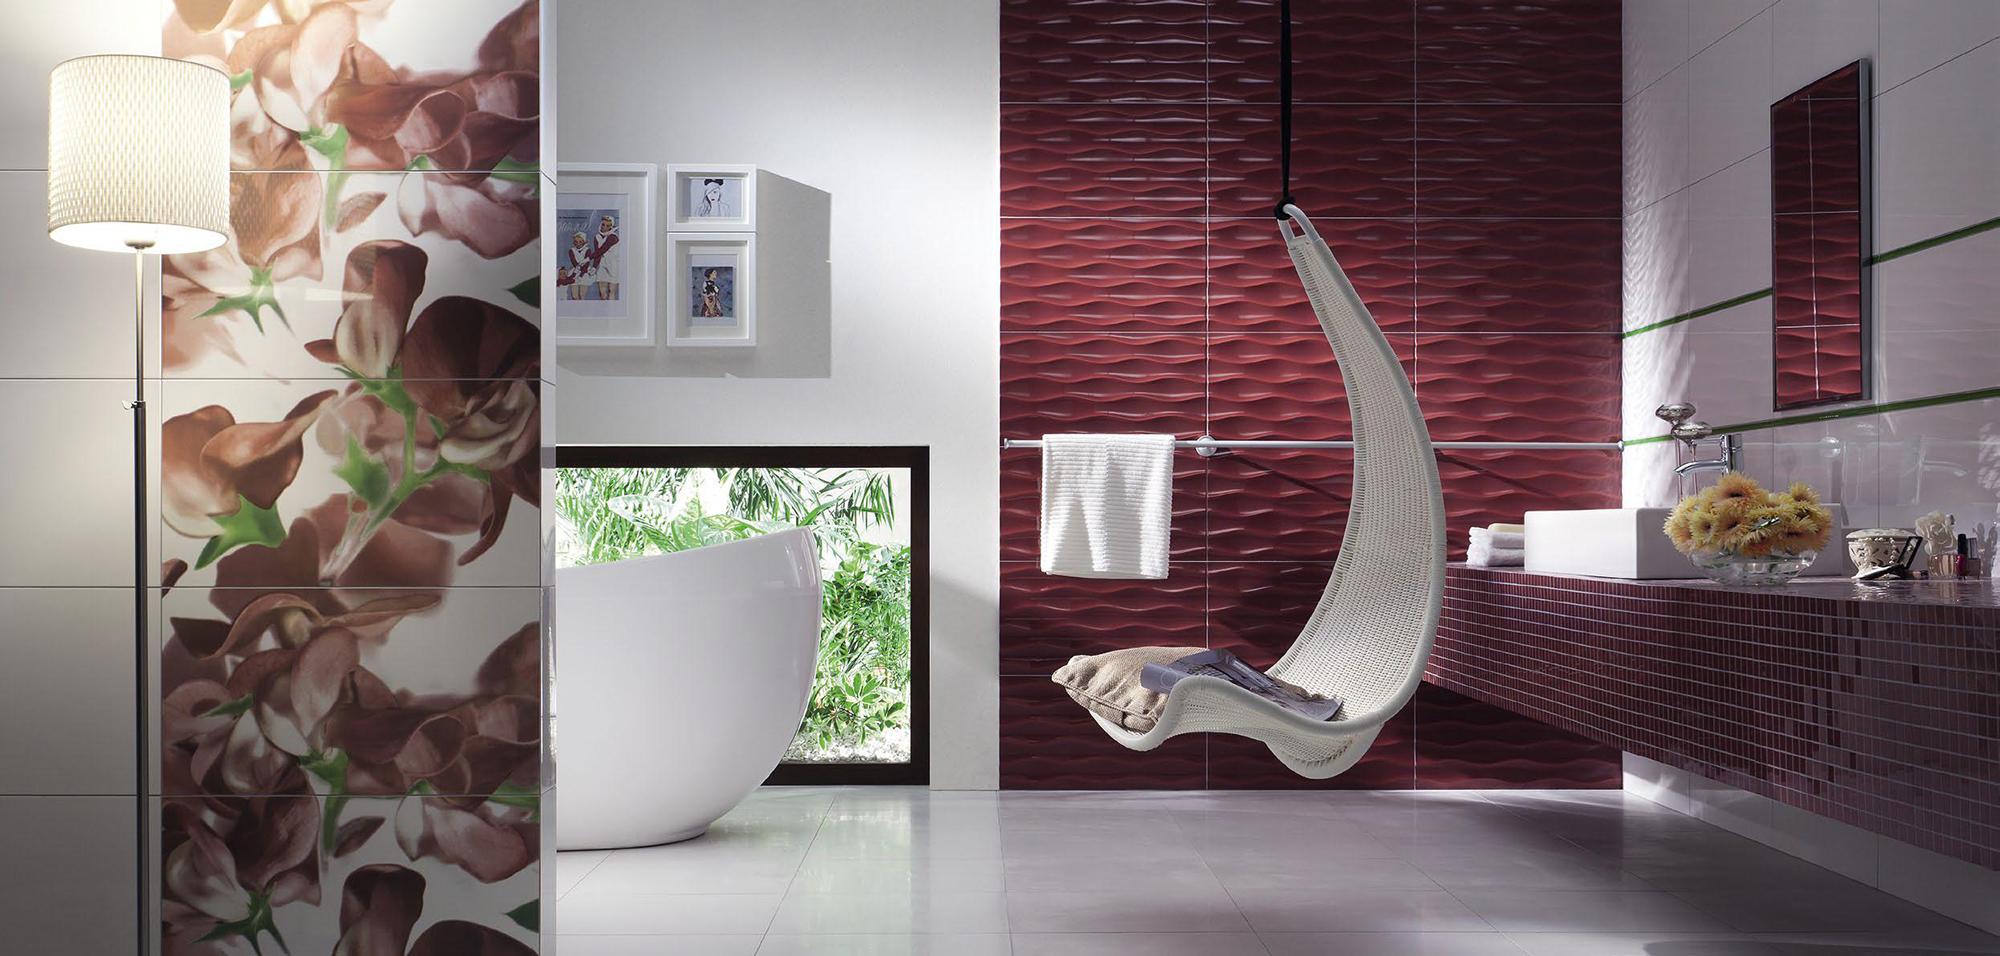 Бордовый акцент в ванной с плетеным сиденьем